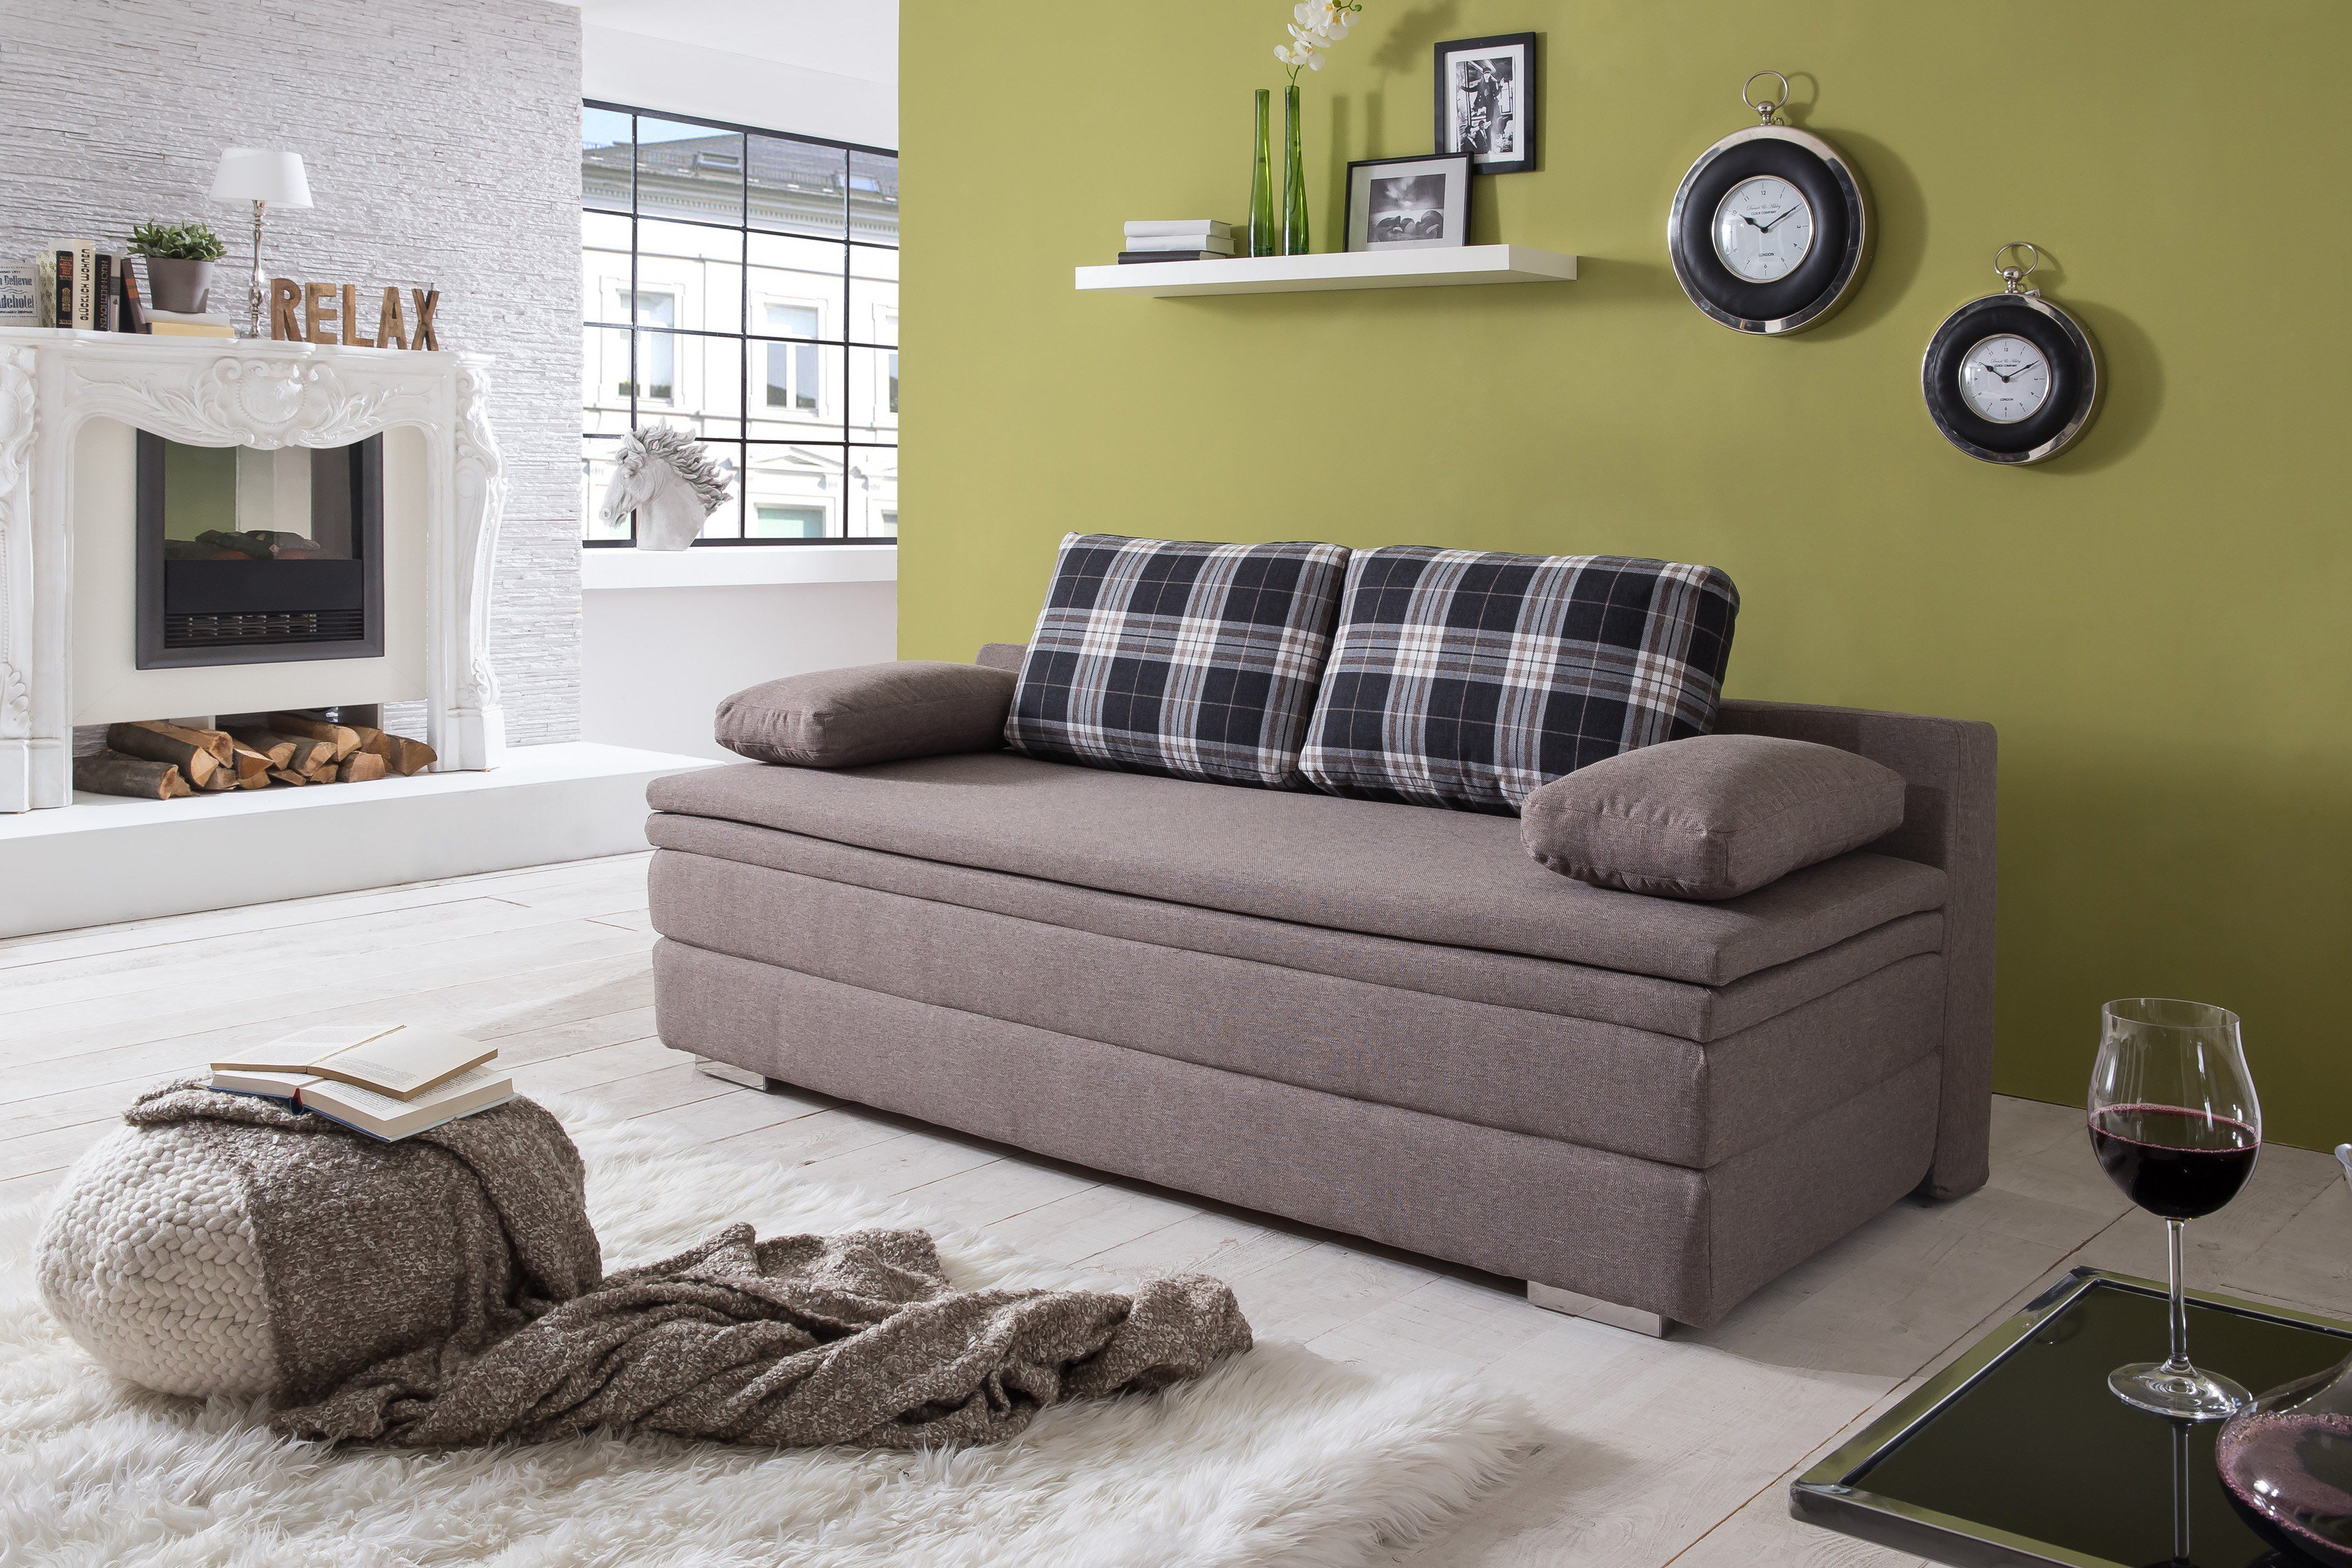 schlafsofa daphne von goldammer mit hohem boxspringaufbau m bel letz ihr online shop. Black Bedroom Furniture Sets. Home Design Ideas